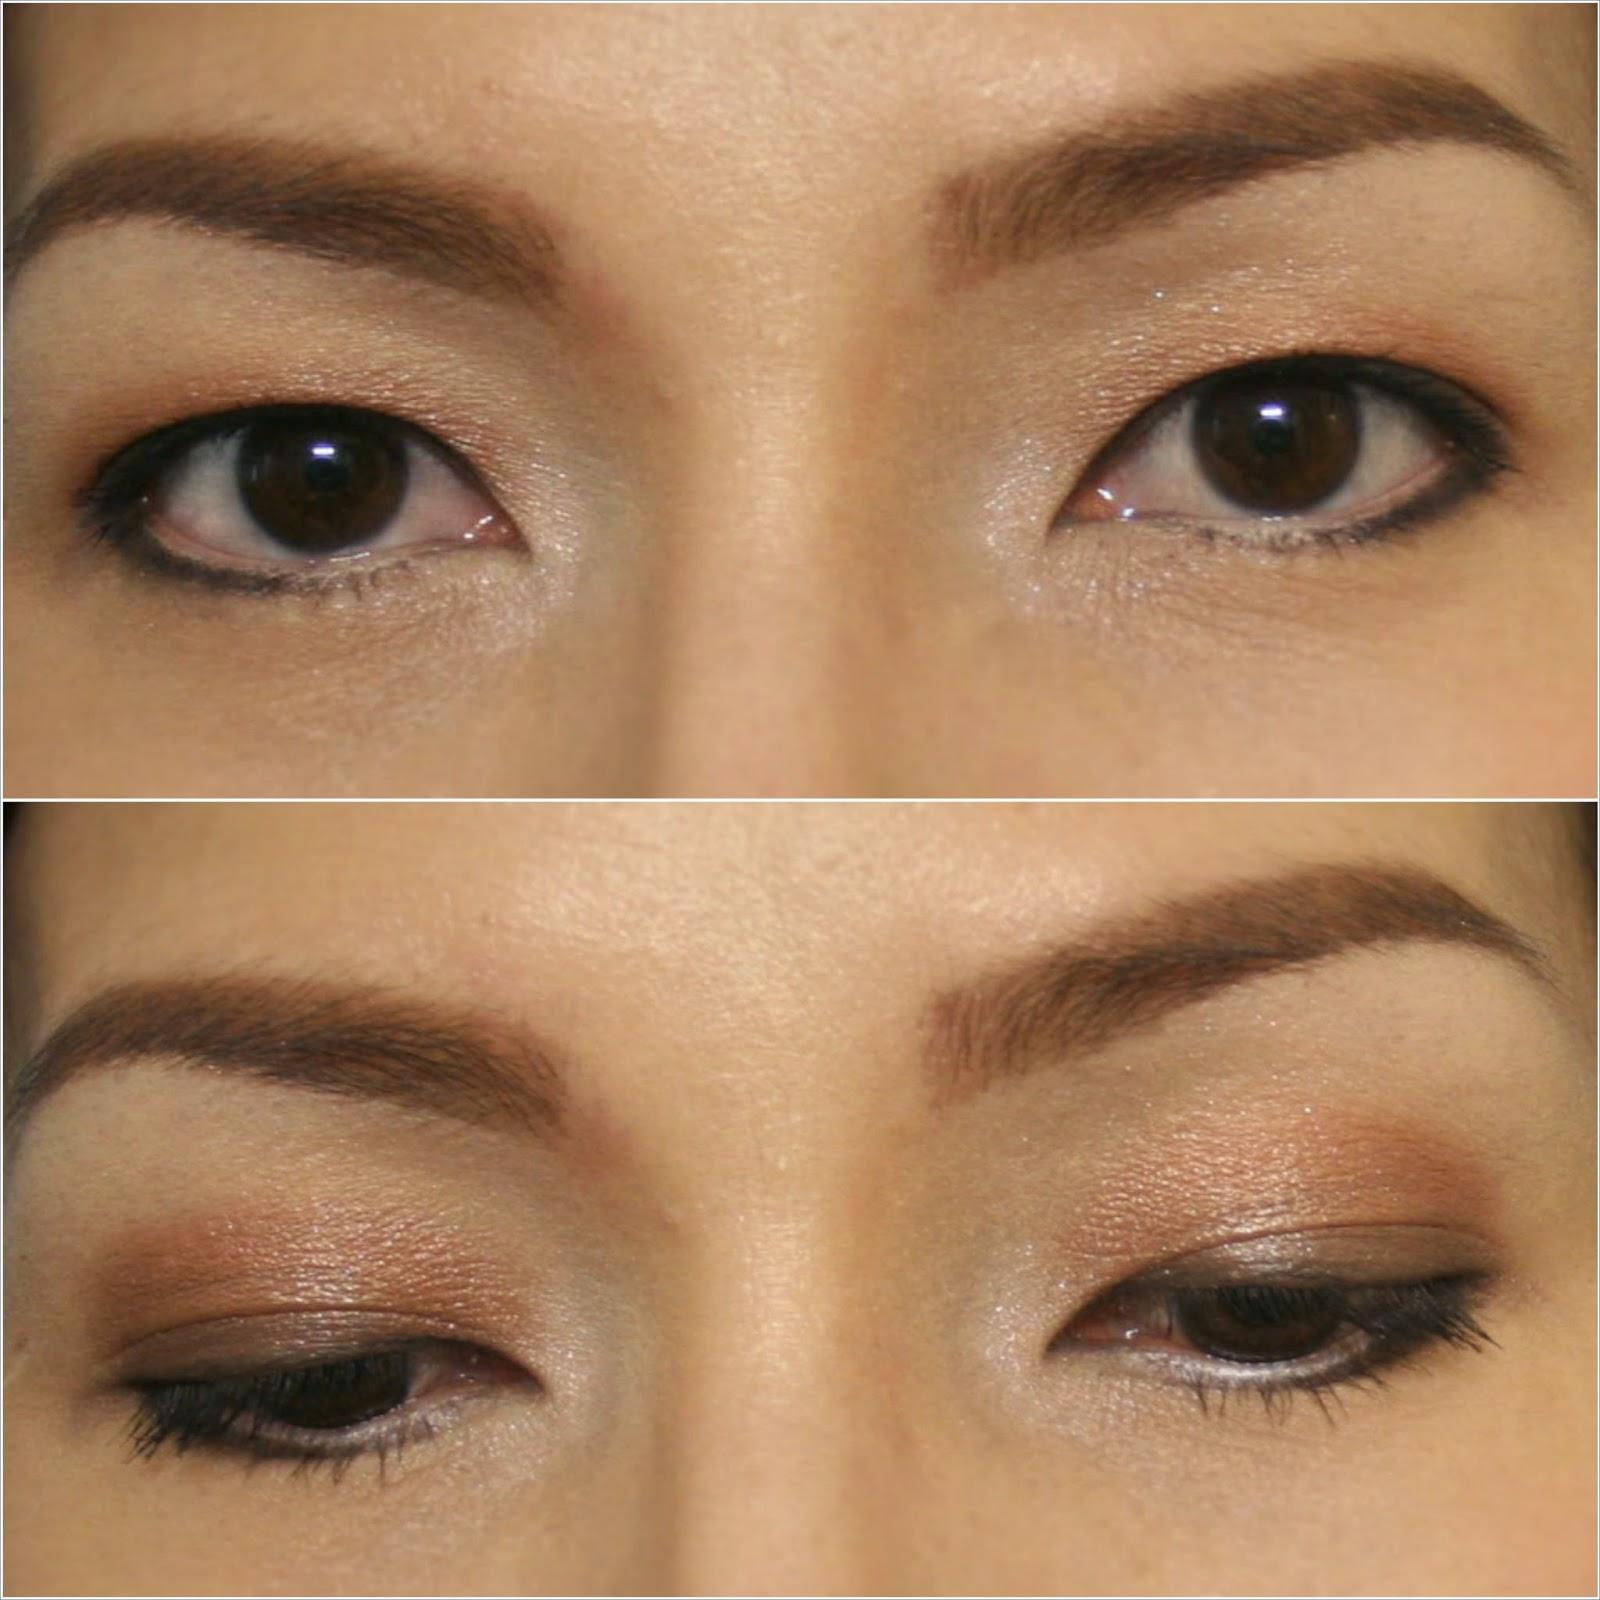 hair and makeup by gerlie cruz: tutorial: simple eyeshadow